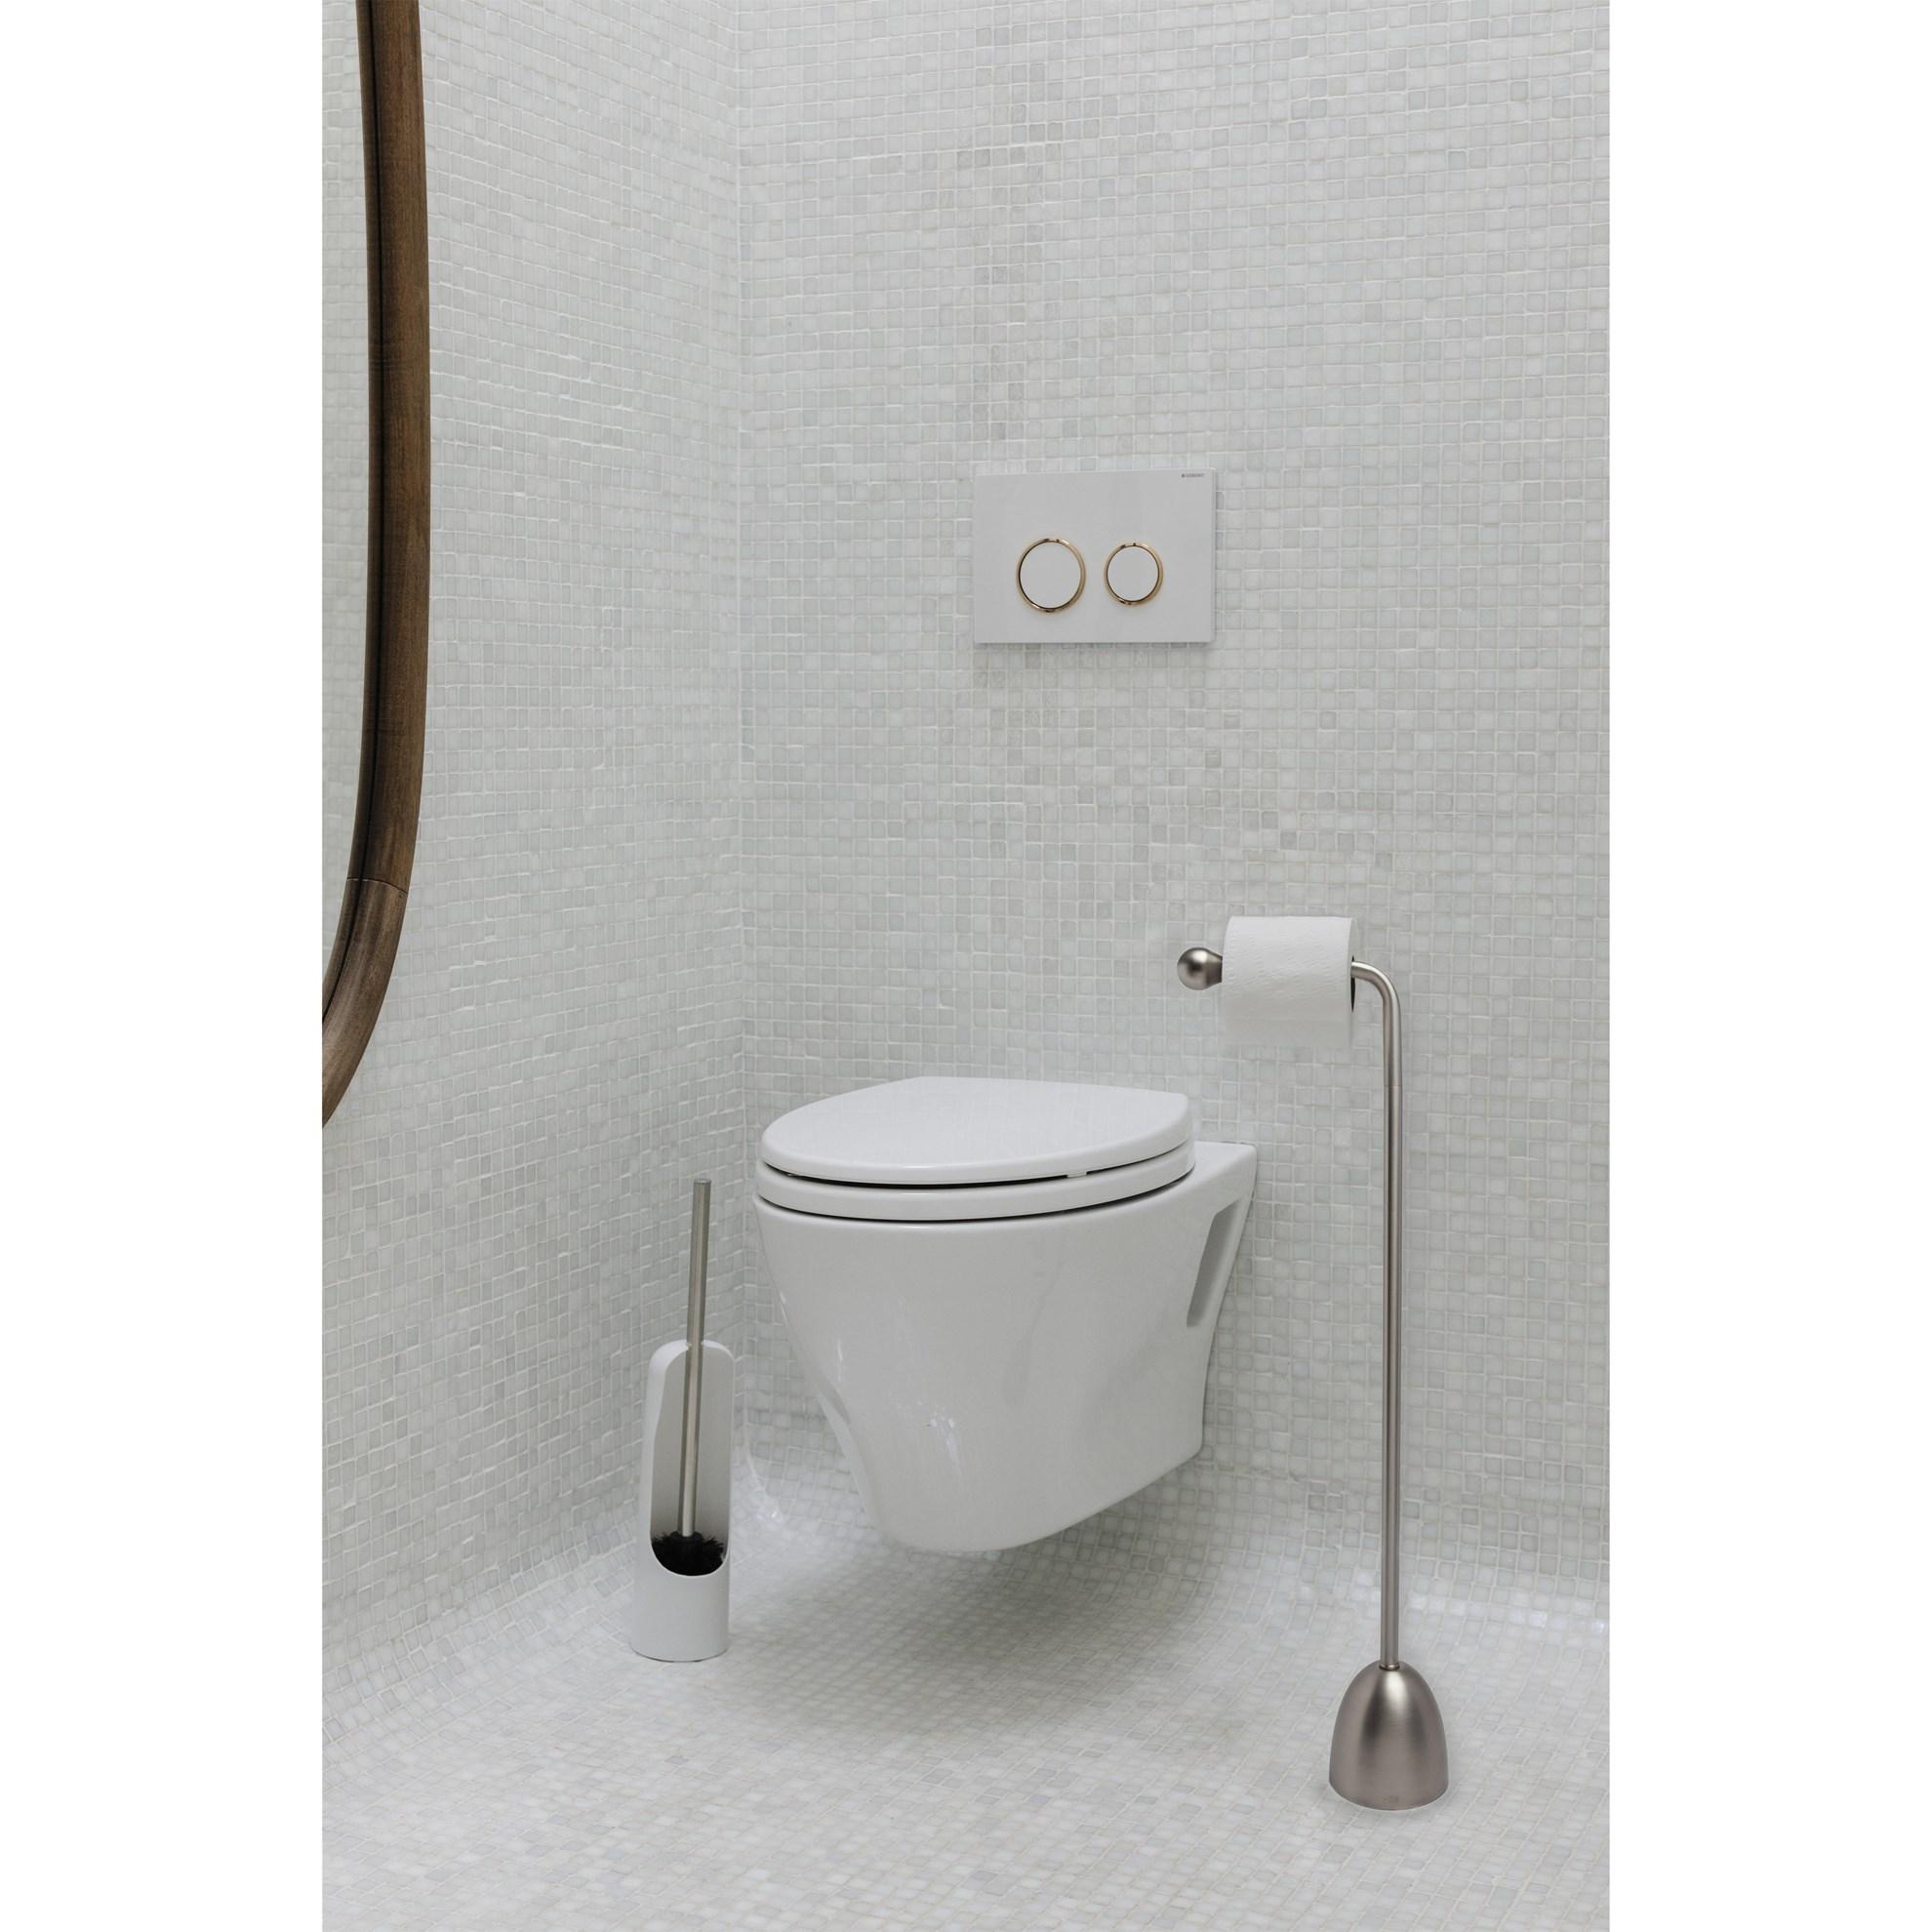 Držák na toaletní papír HERON nikl_0